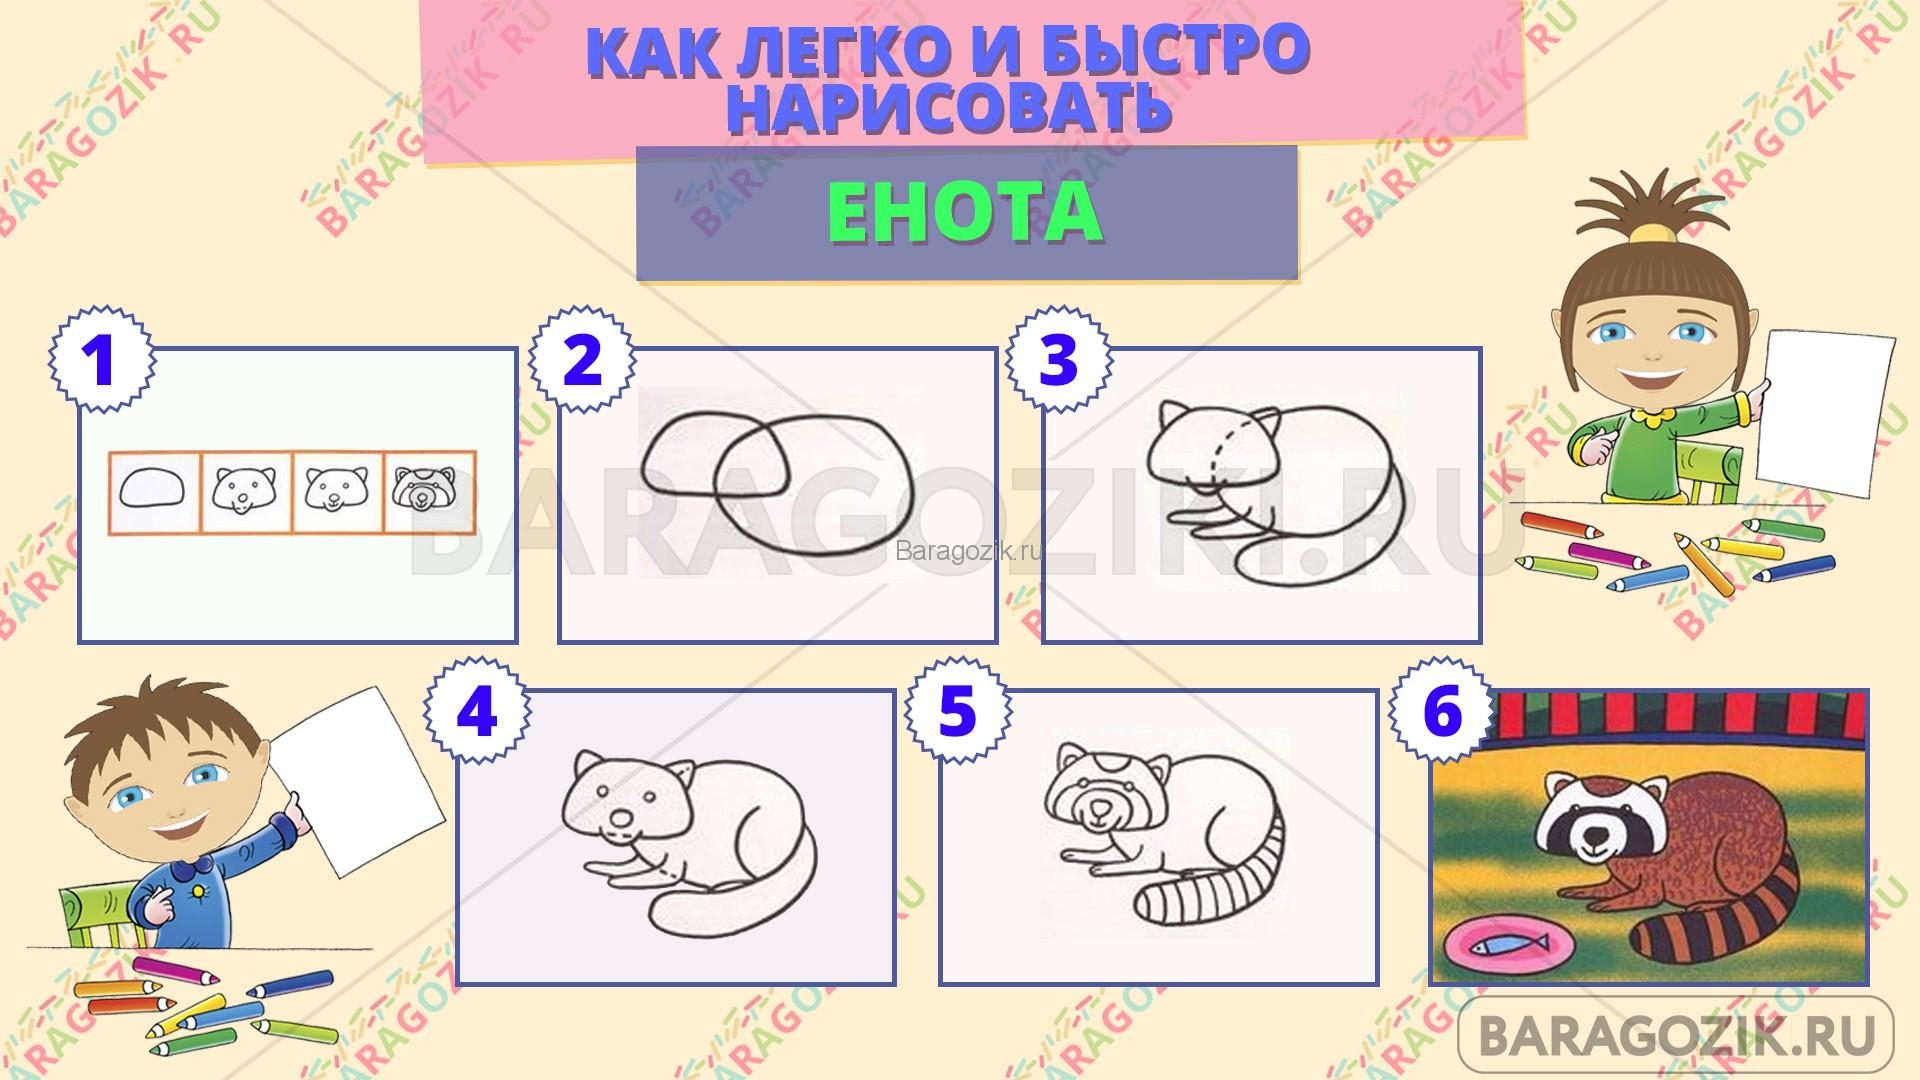 как легко нарисовать енота - пошаговая схема